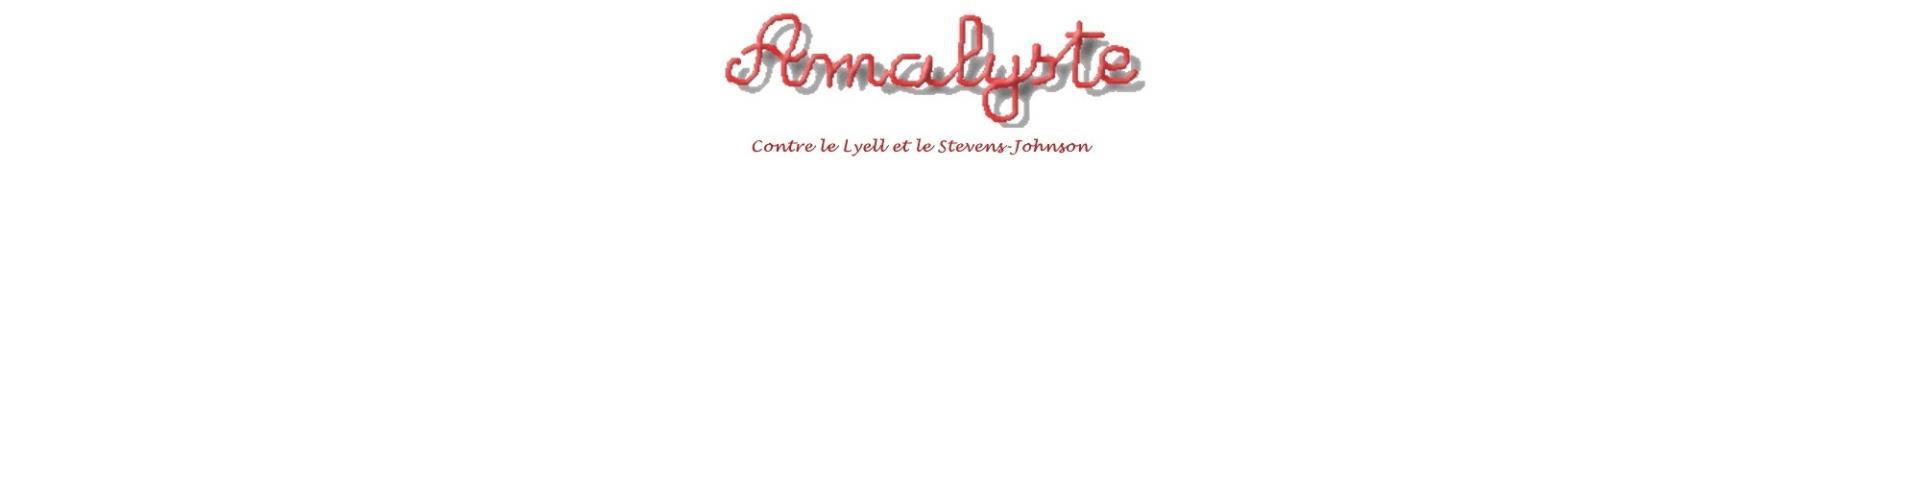 AMALYSTE - formulaire d'adhésion - AMALYSTE